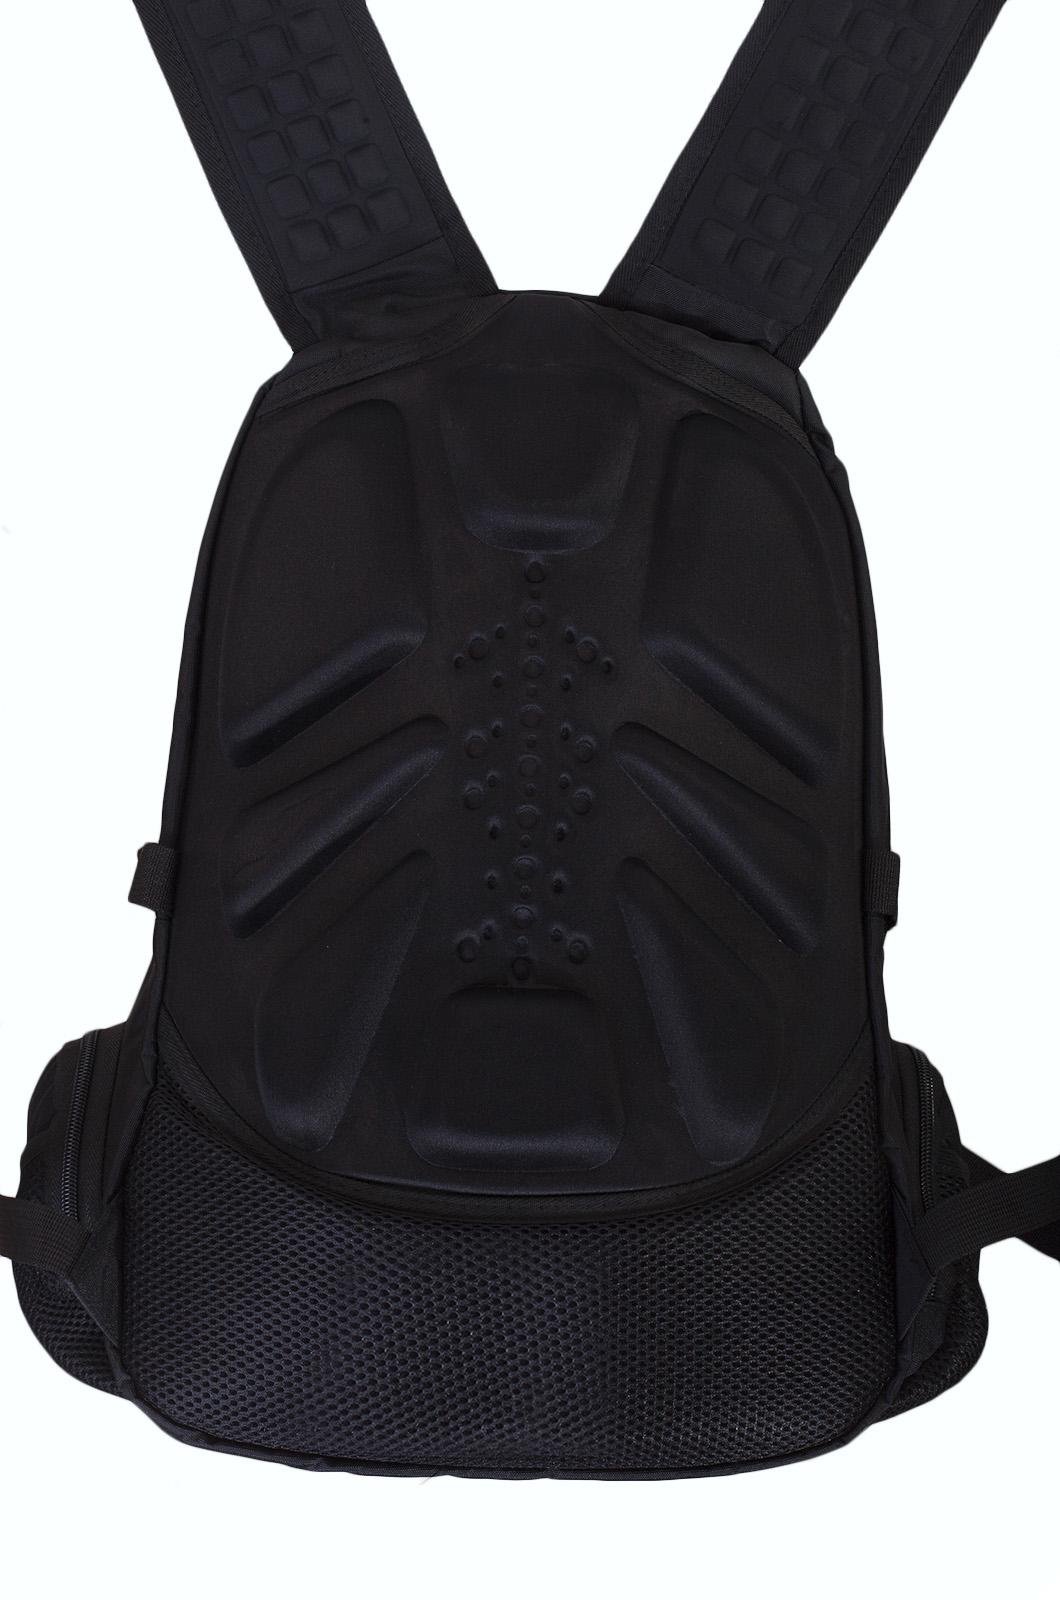 Вместительный черный рюкзак с эмблемой Охотничьего спецназа купить онлайн